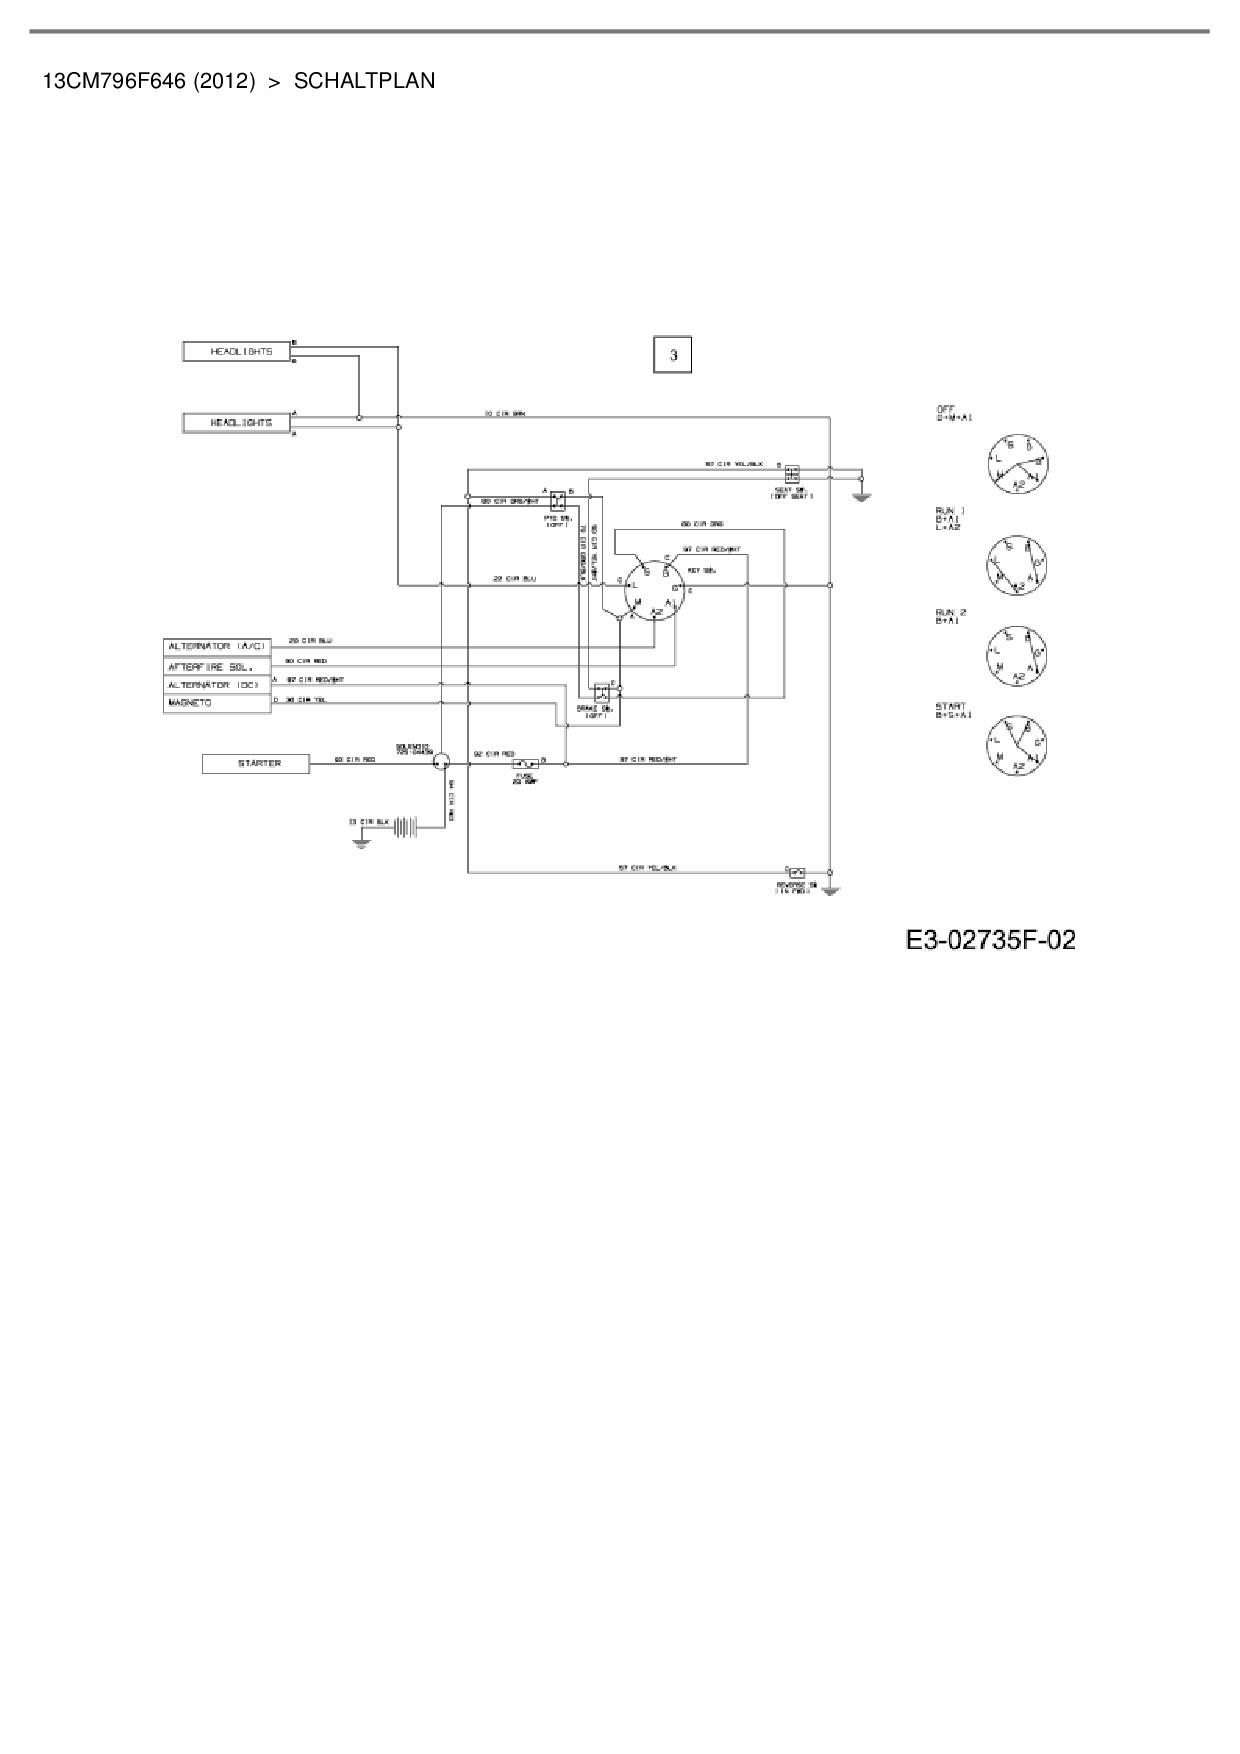 Ausgezeichnet Hss Schaltplan Galerie - Elektrische Schaltplan-Ideen ...